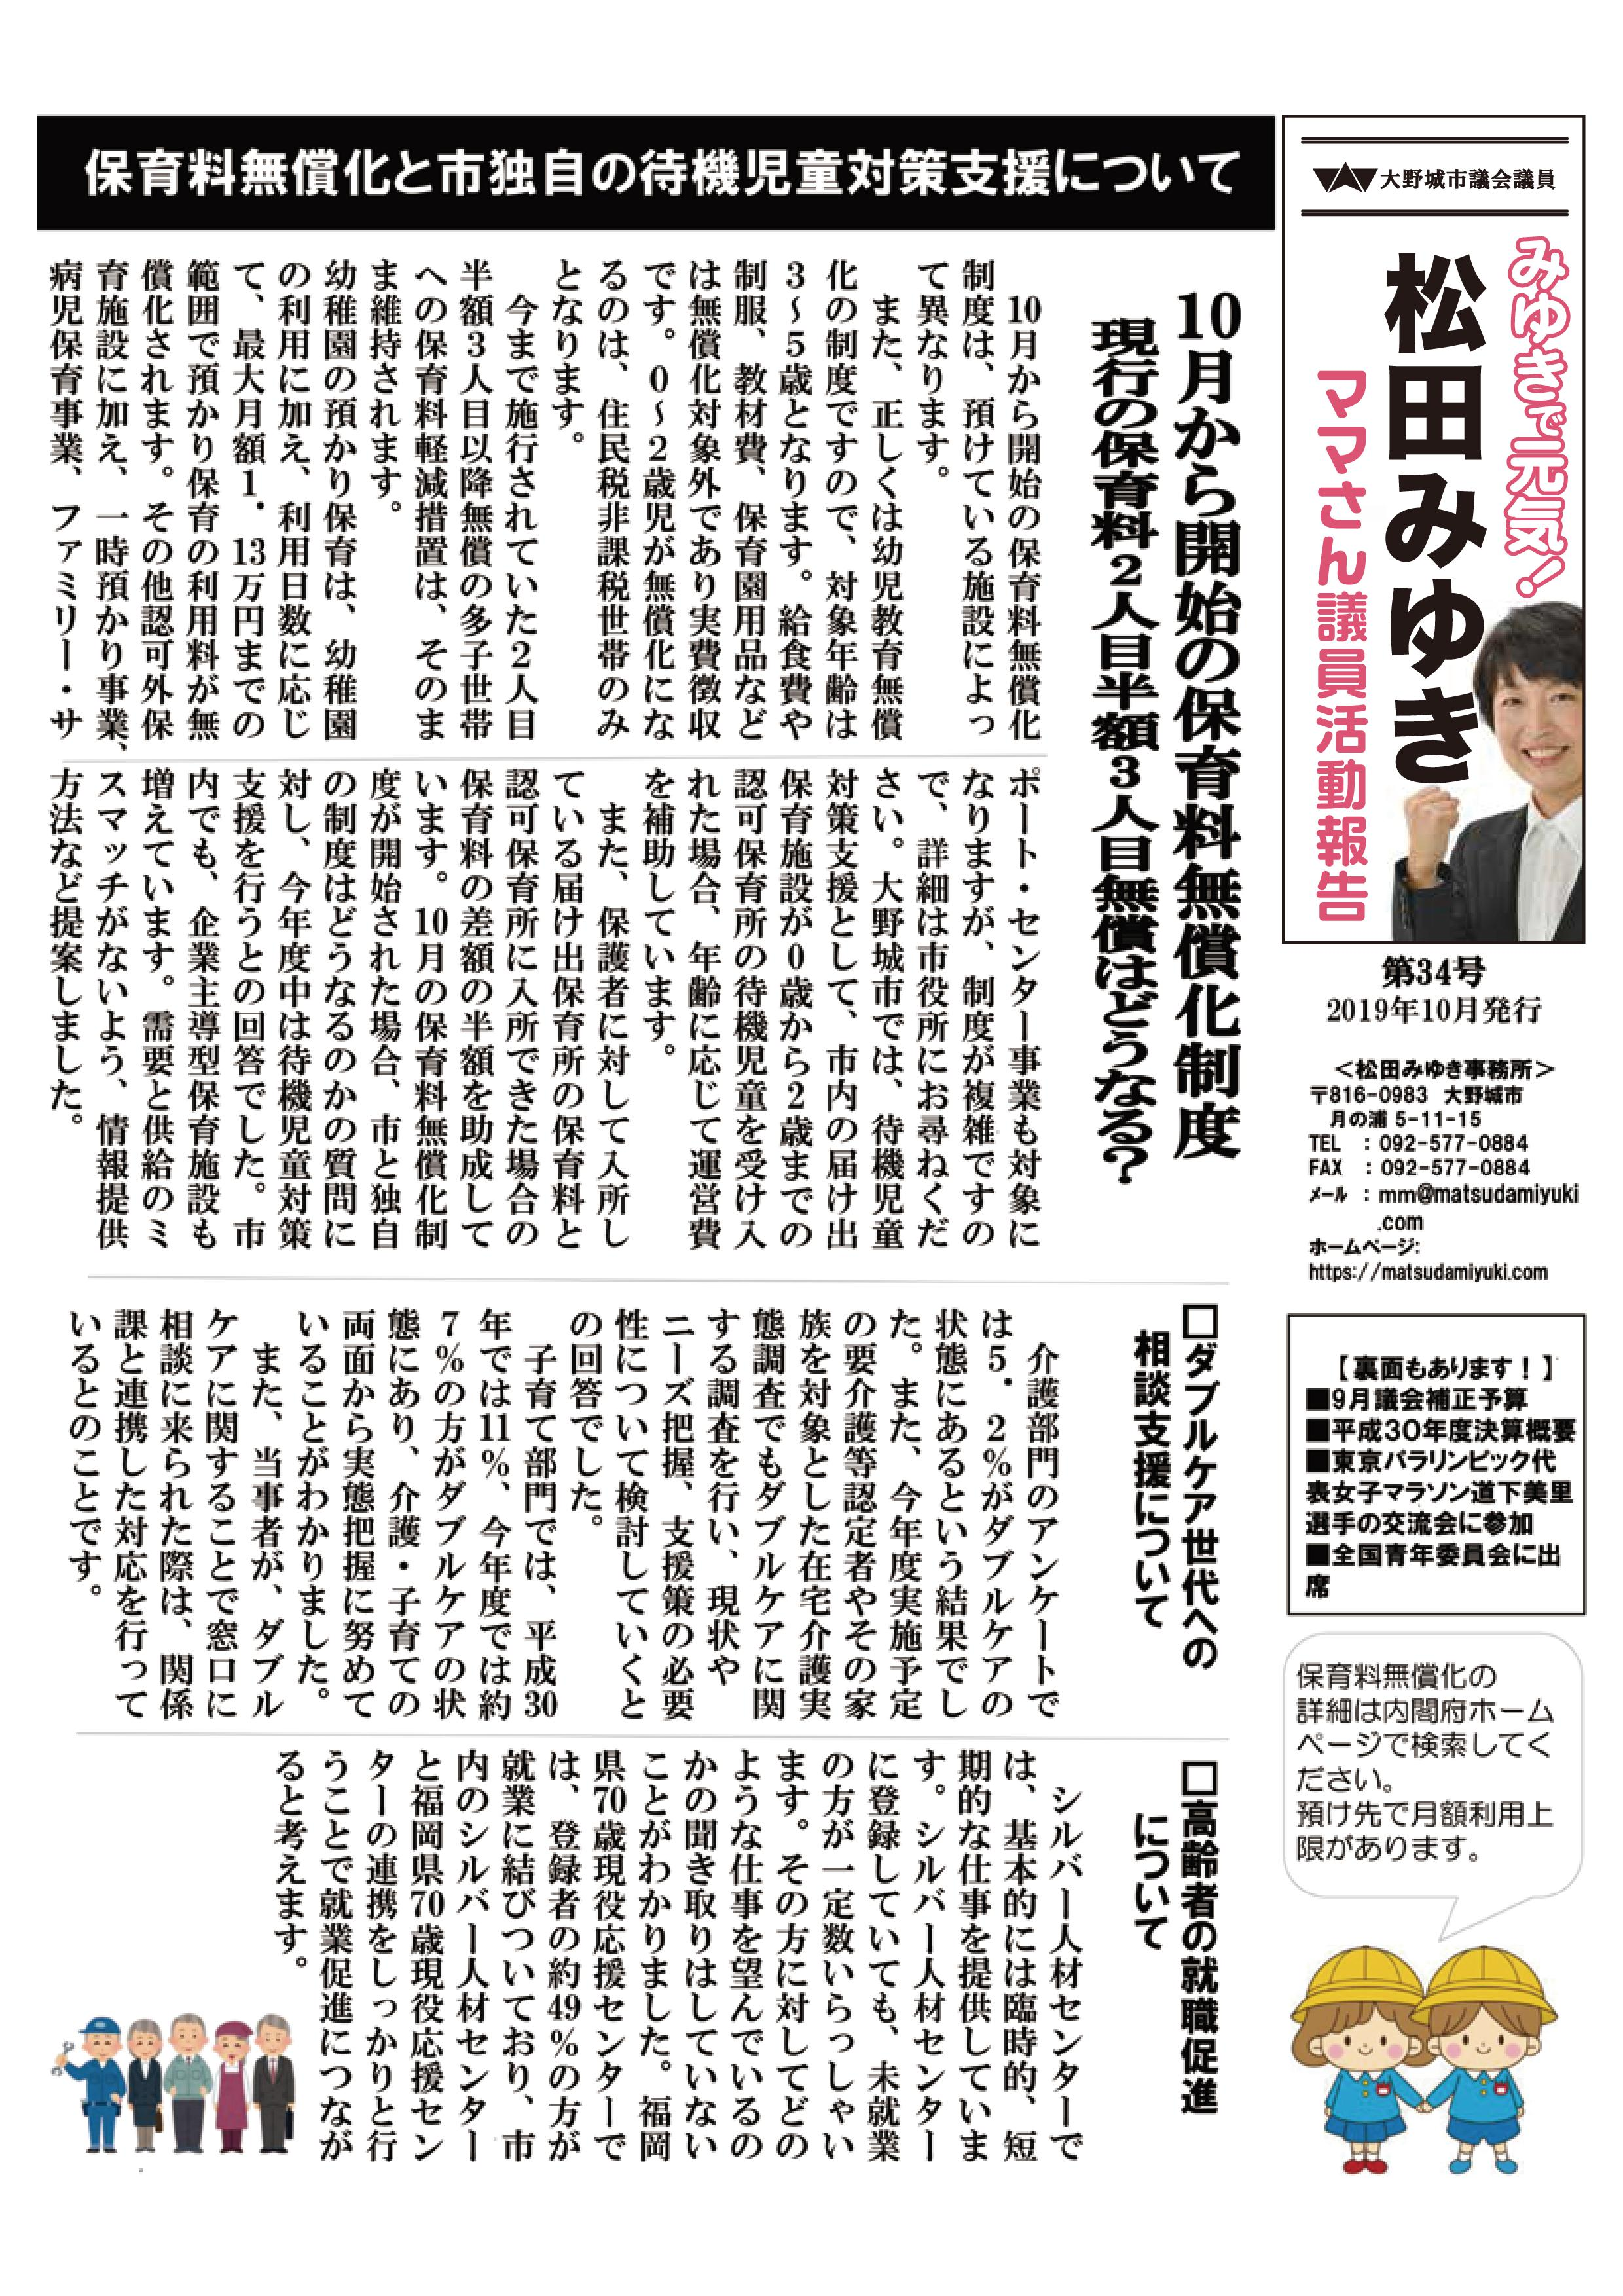 大野城市議会議員 松田みゆき 市政報告 第34号 01